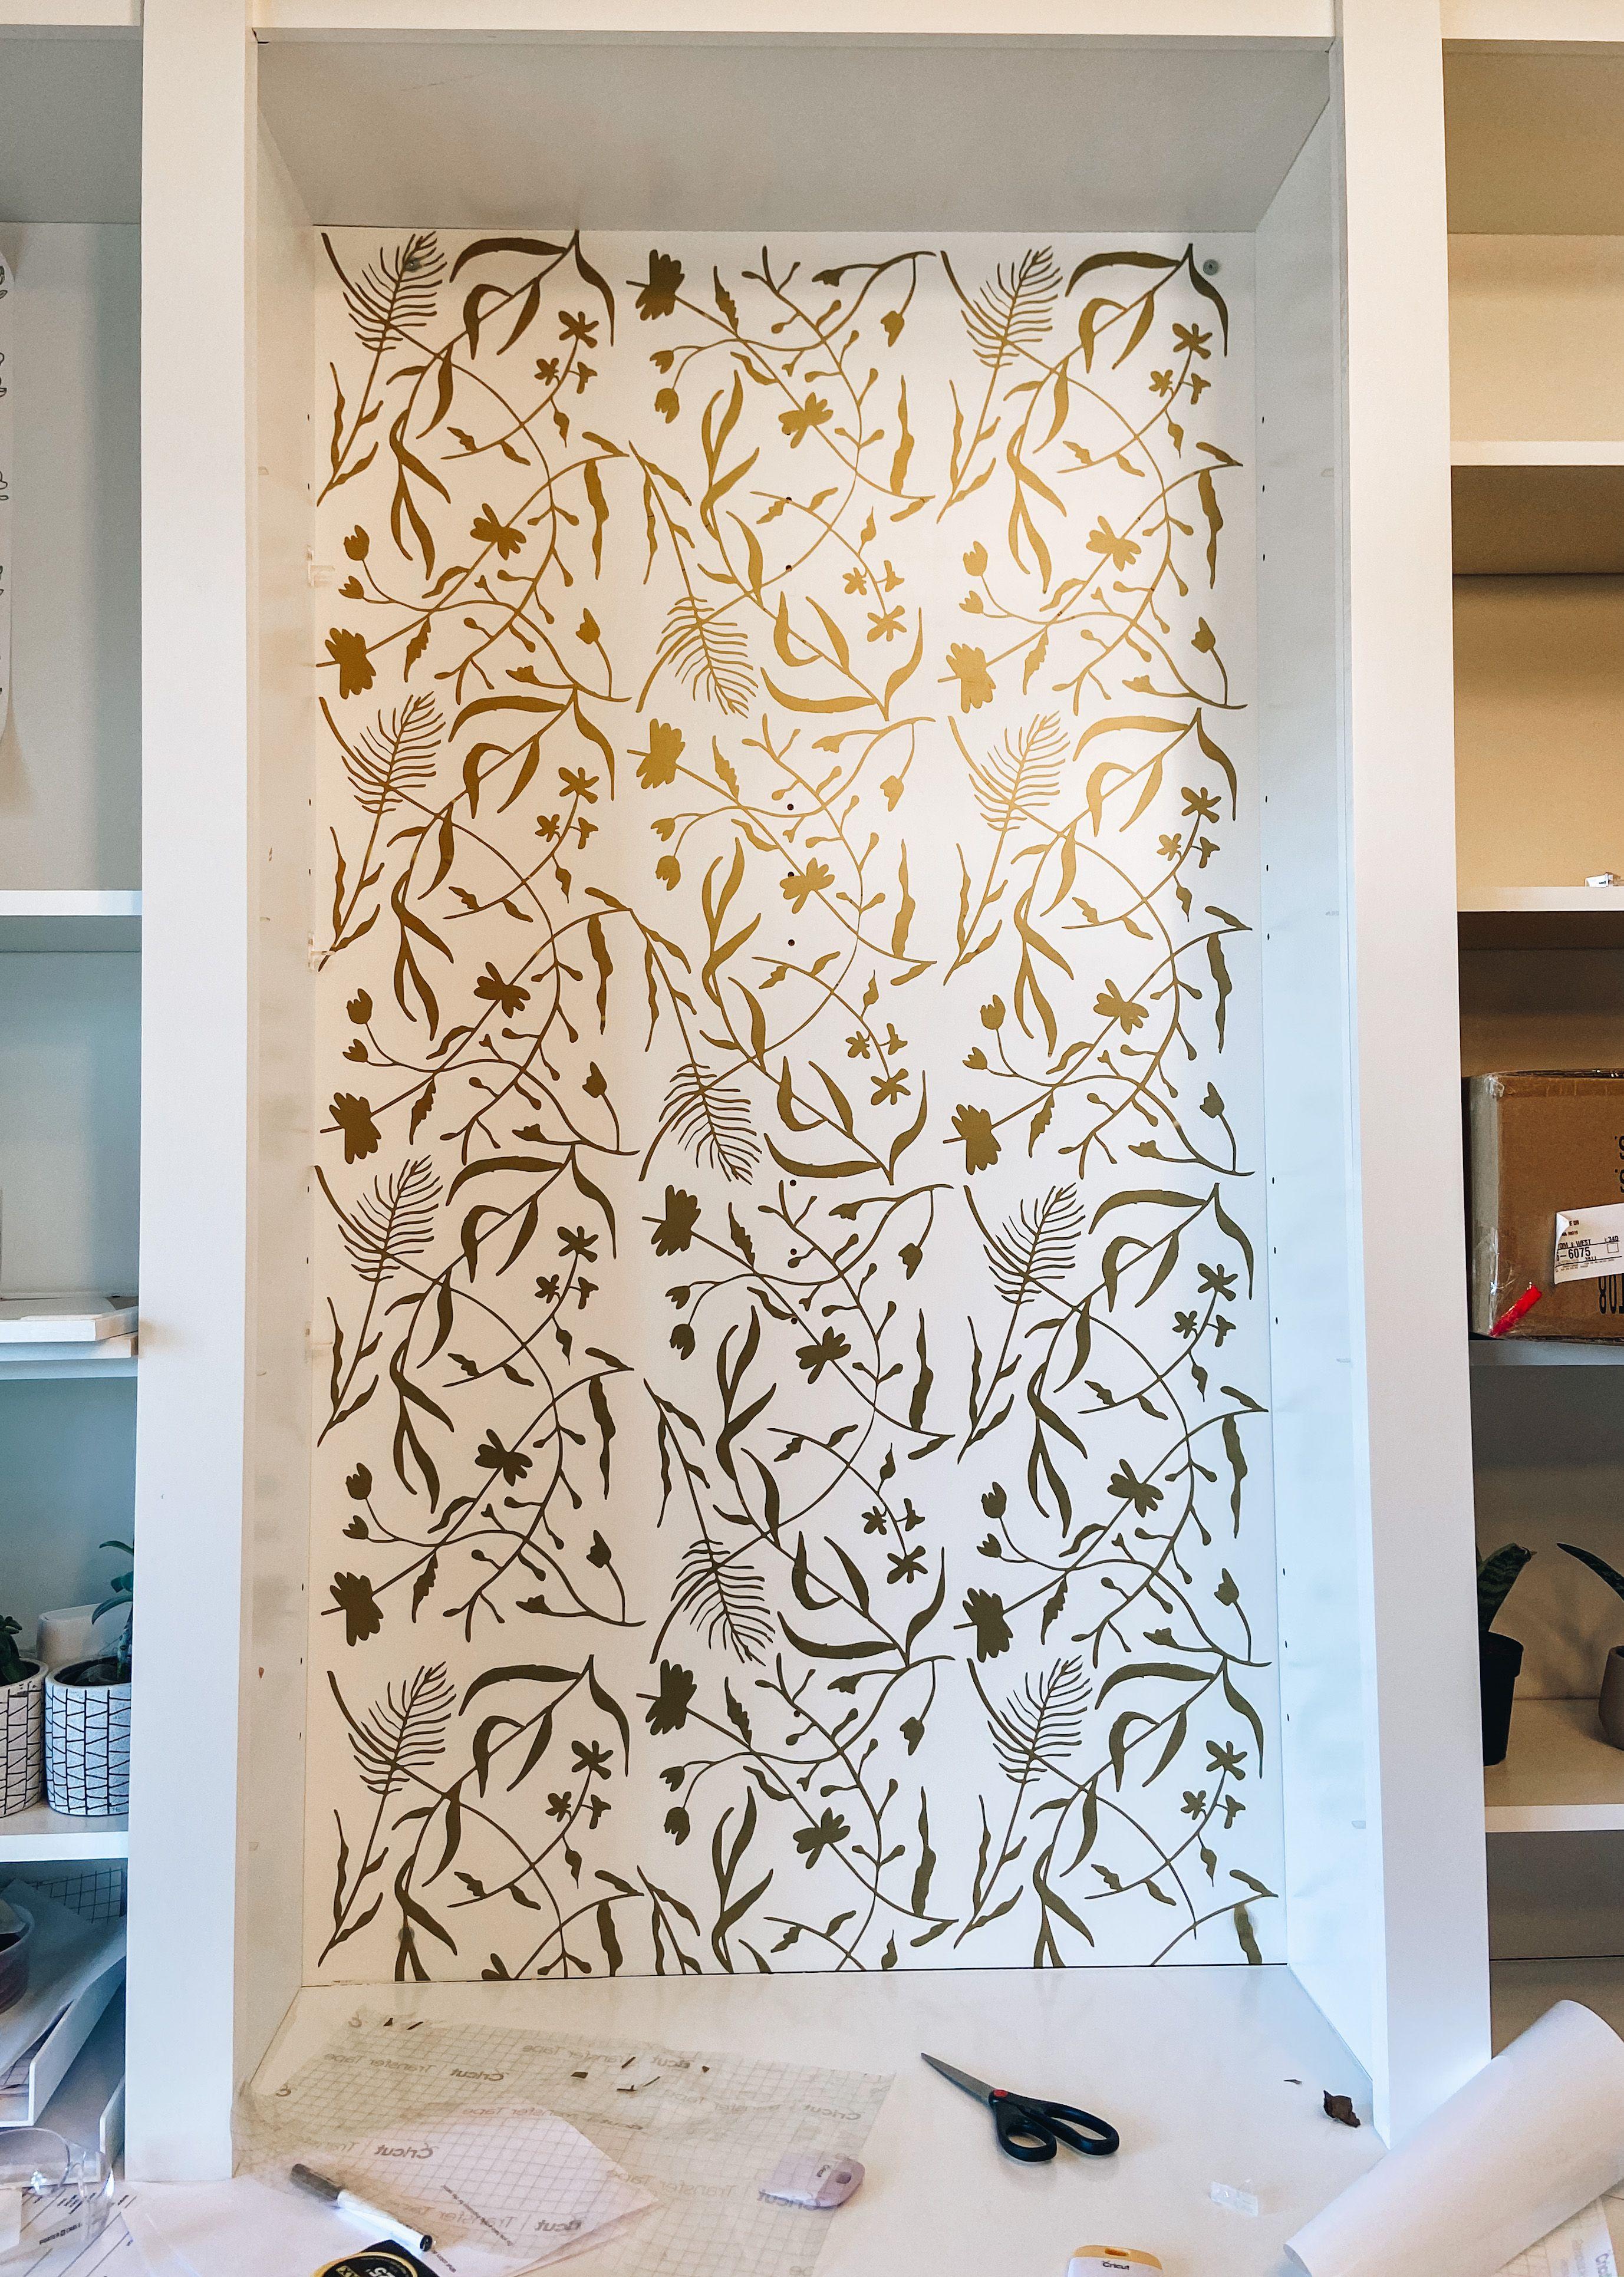 Diy Cricut Wallpaper Wall Vinyl Decor Diy Cricut Make Your Own Wallpaper